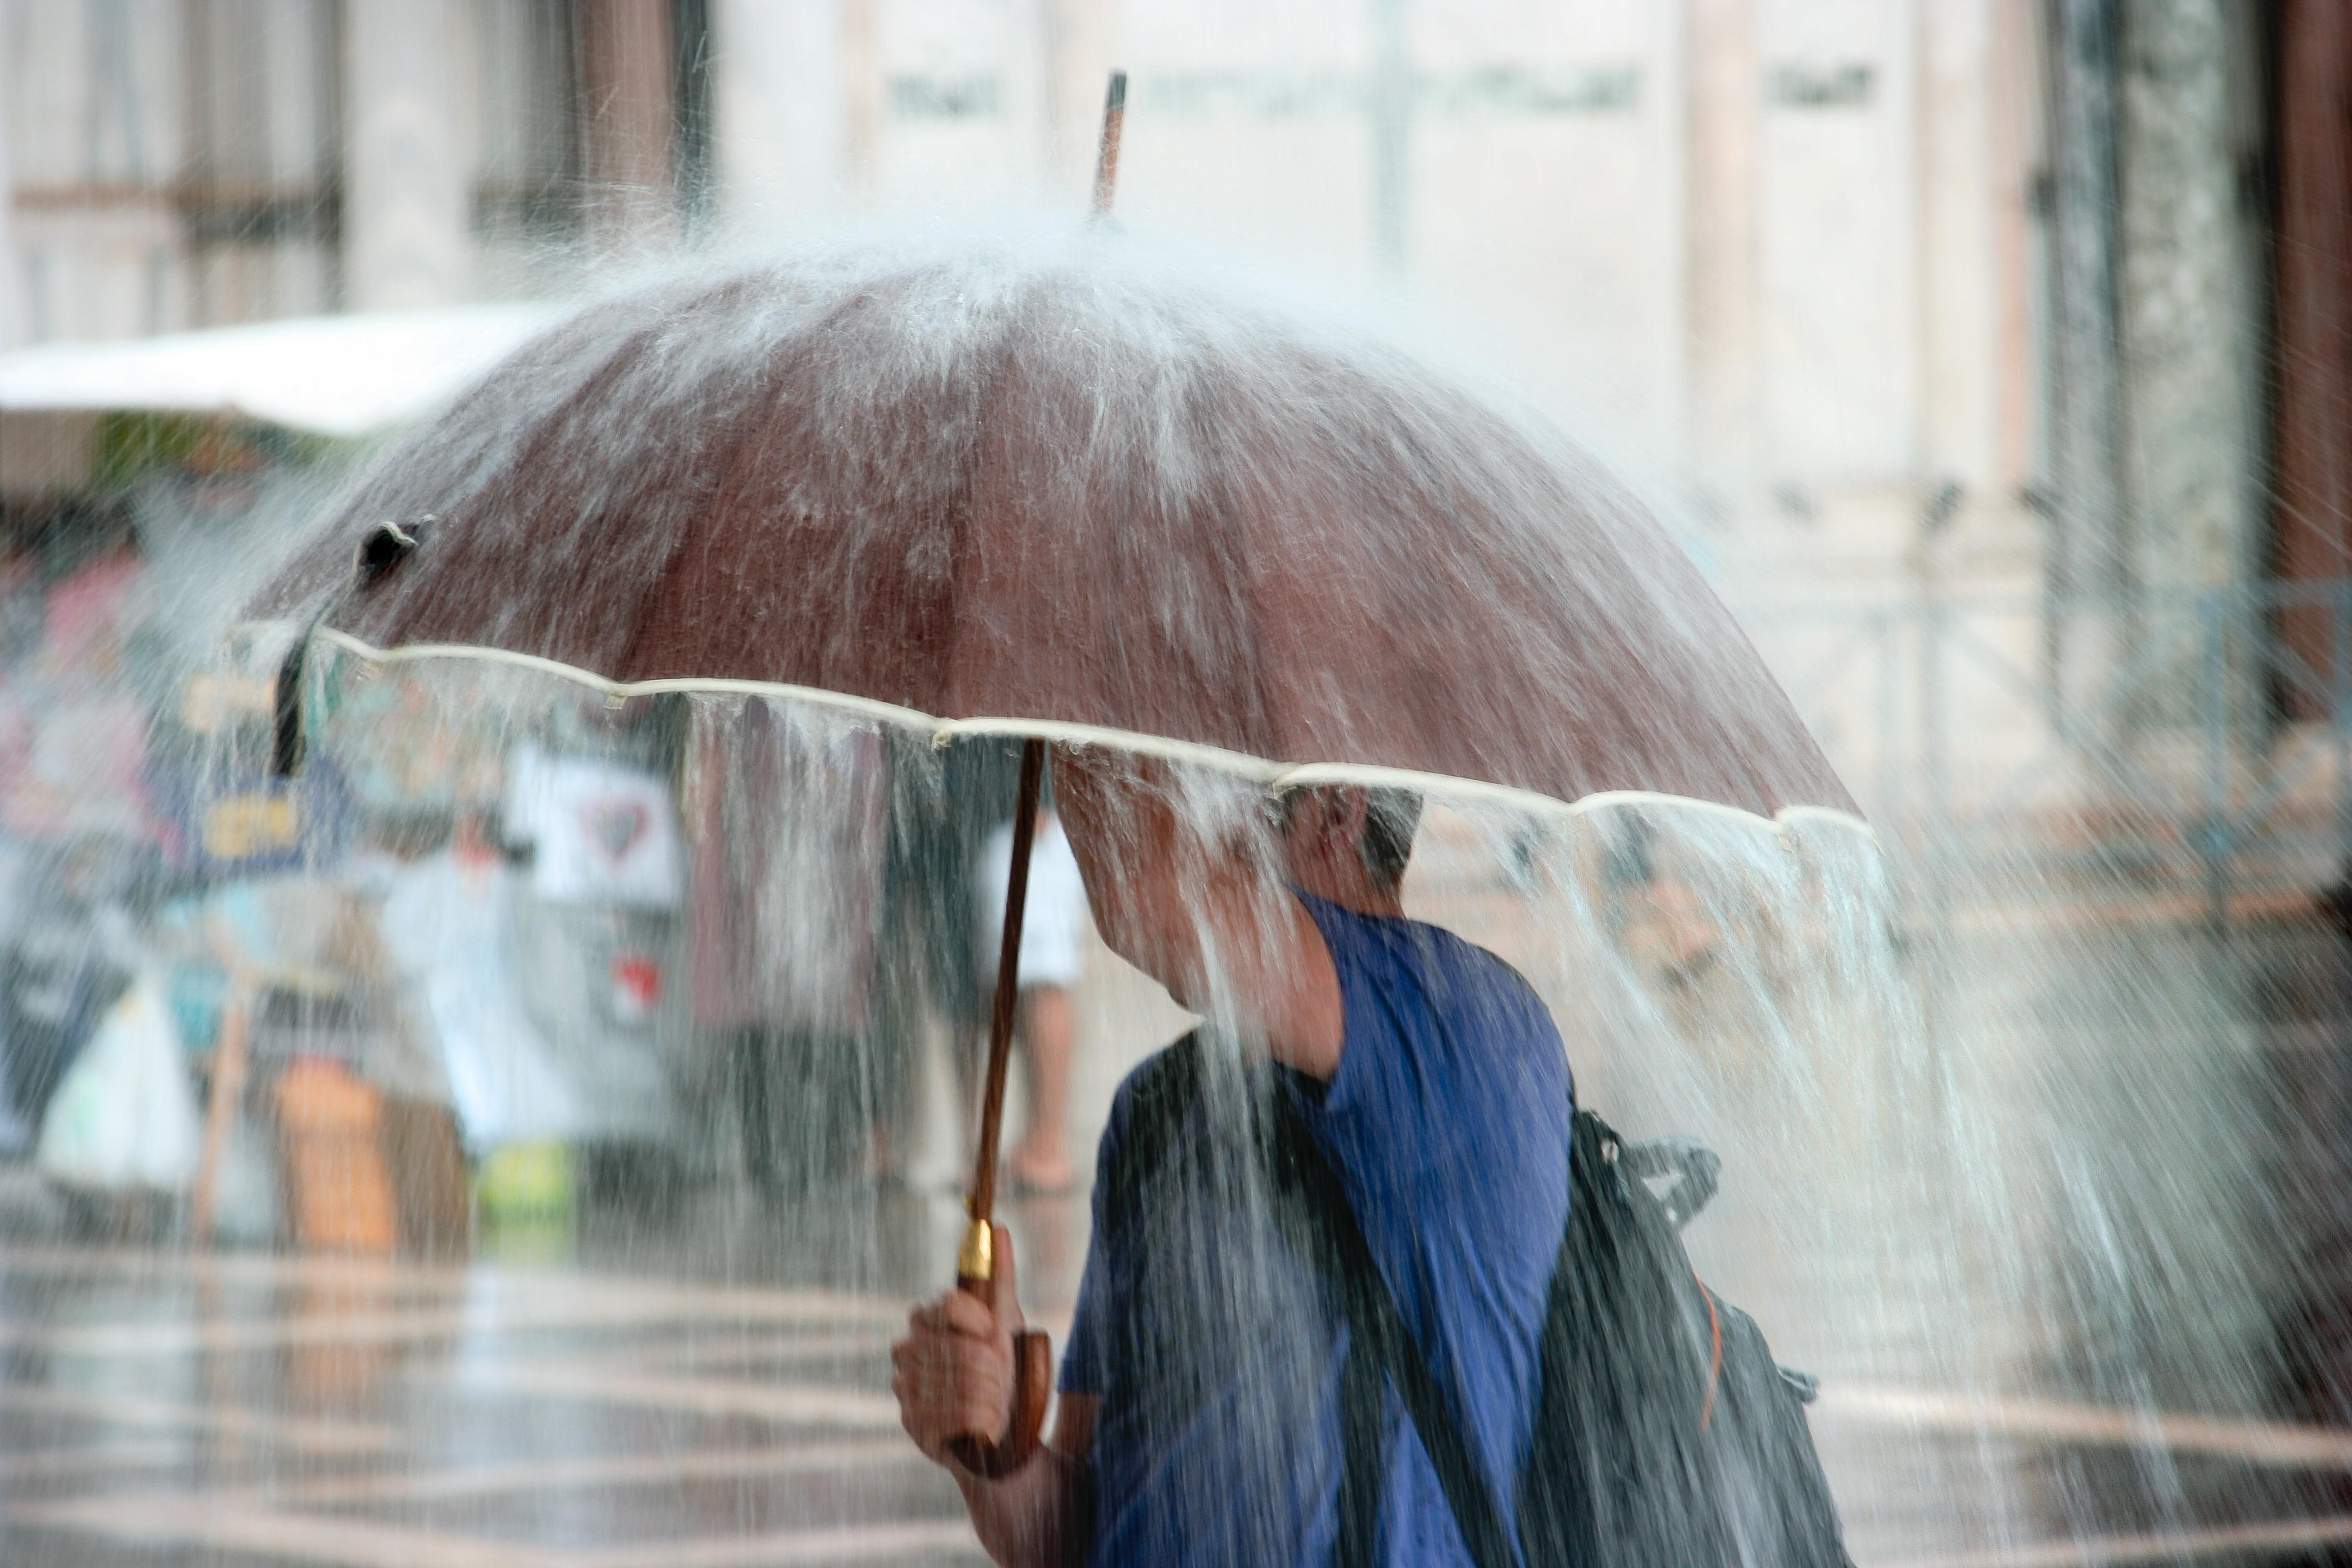 Vremea ANM. Cod galben de ploi abundente și vreme rea! Care sunt zonele cel mai rău afectate